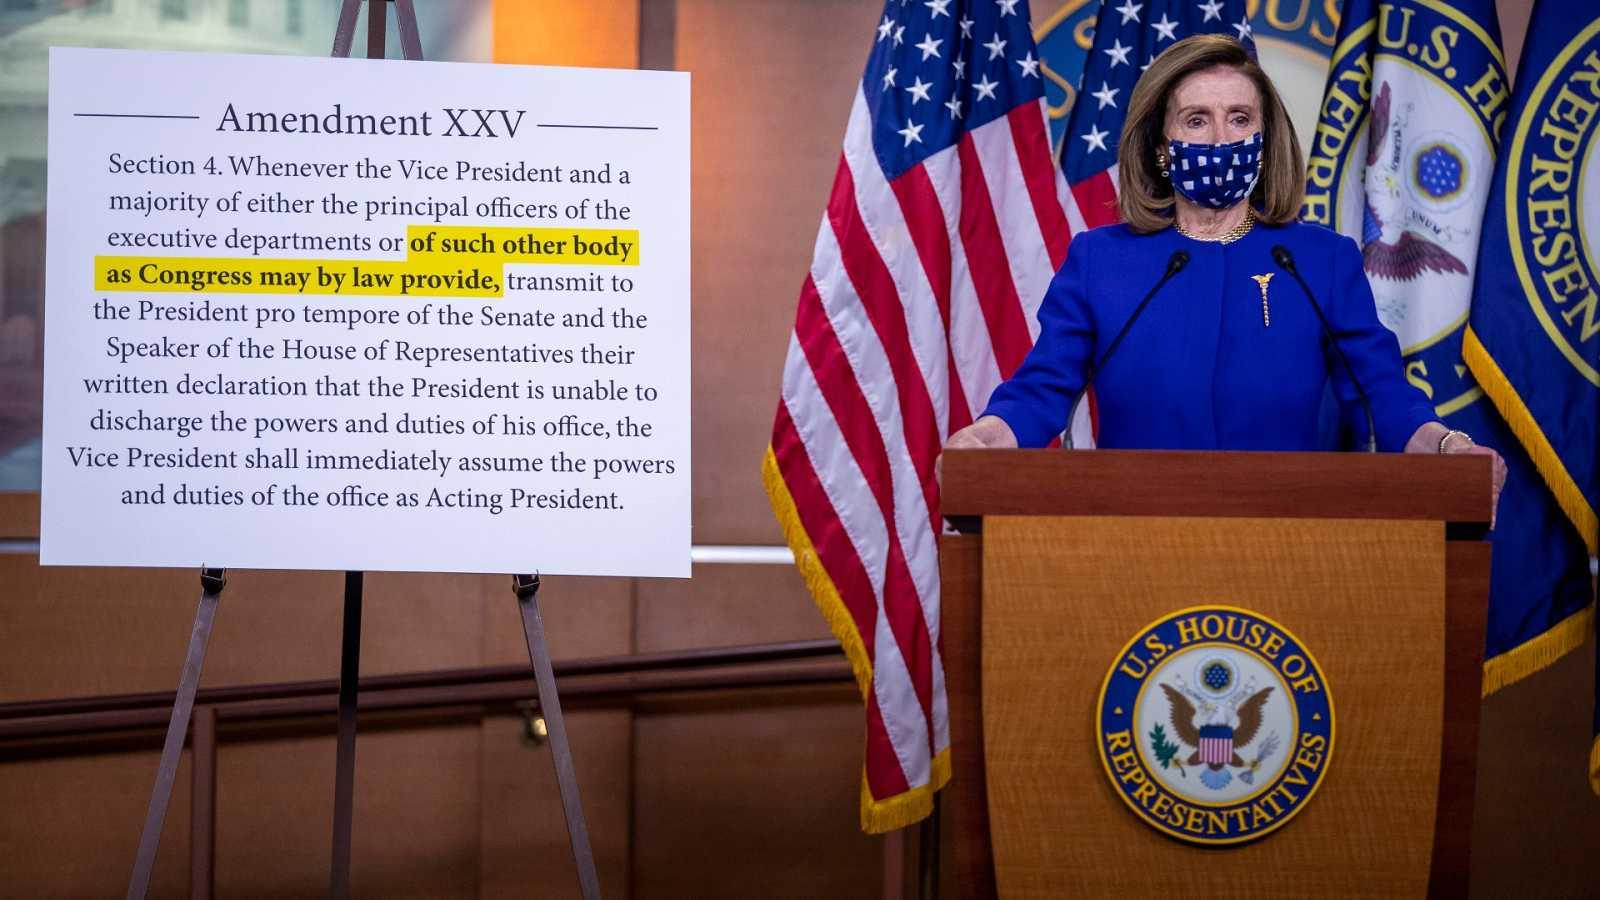 Los demócratas impulsan una comisión para inhabilitar a un presidente